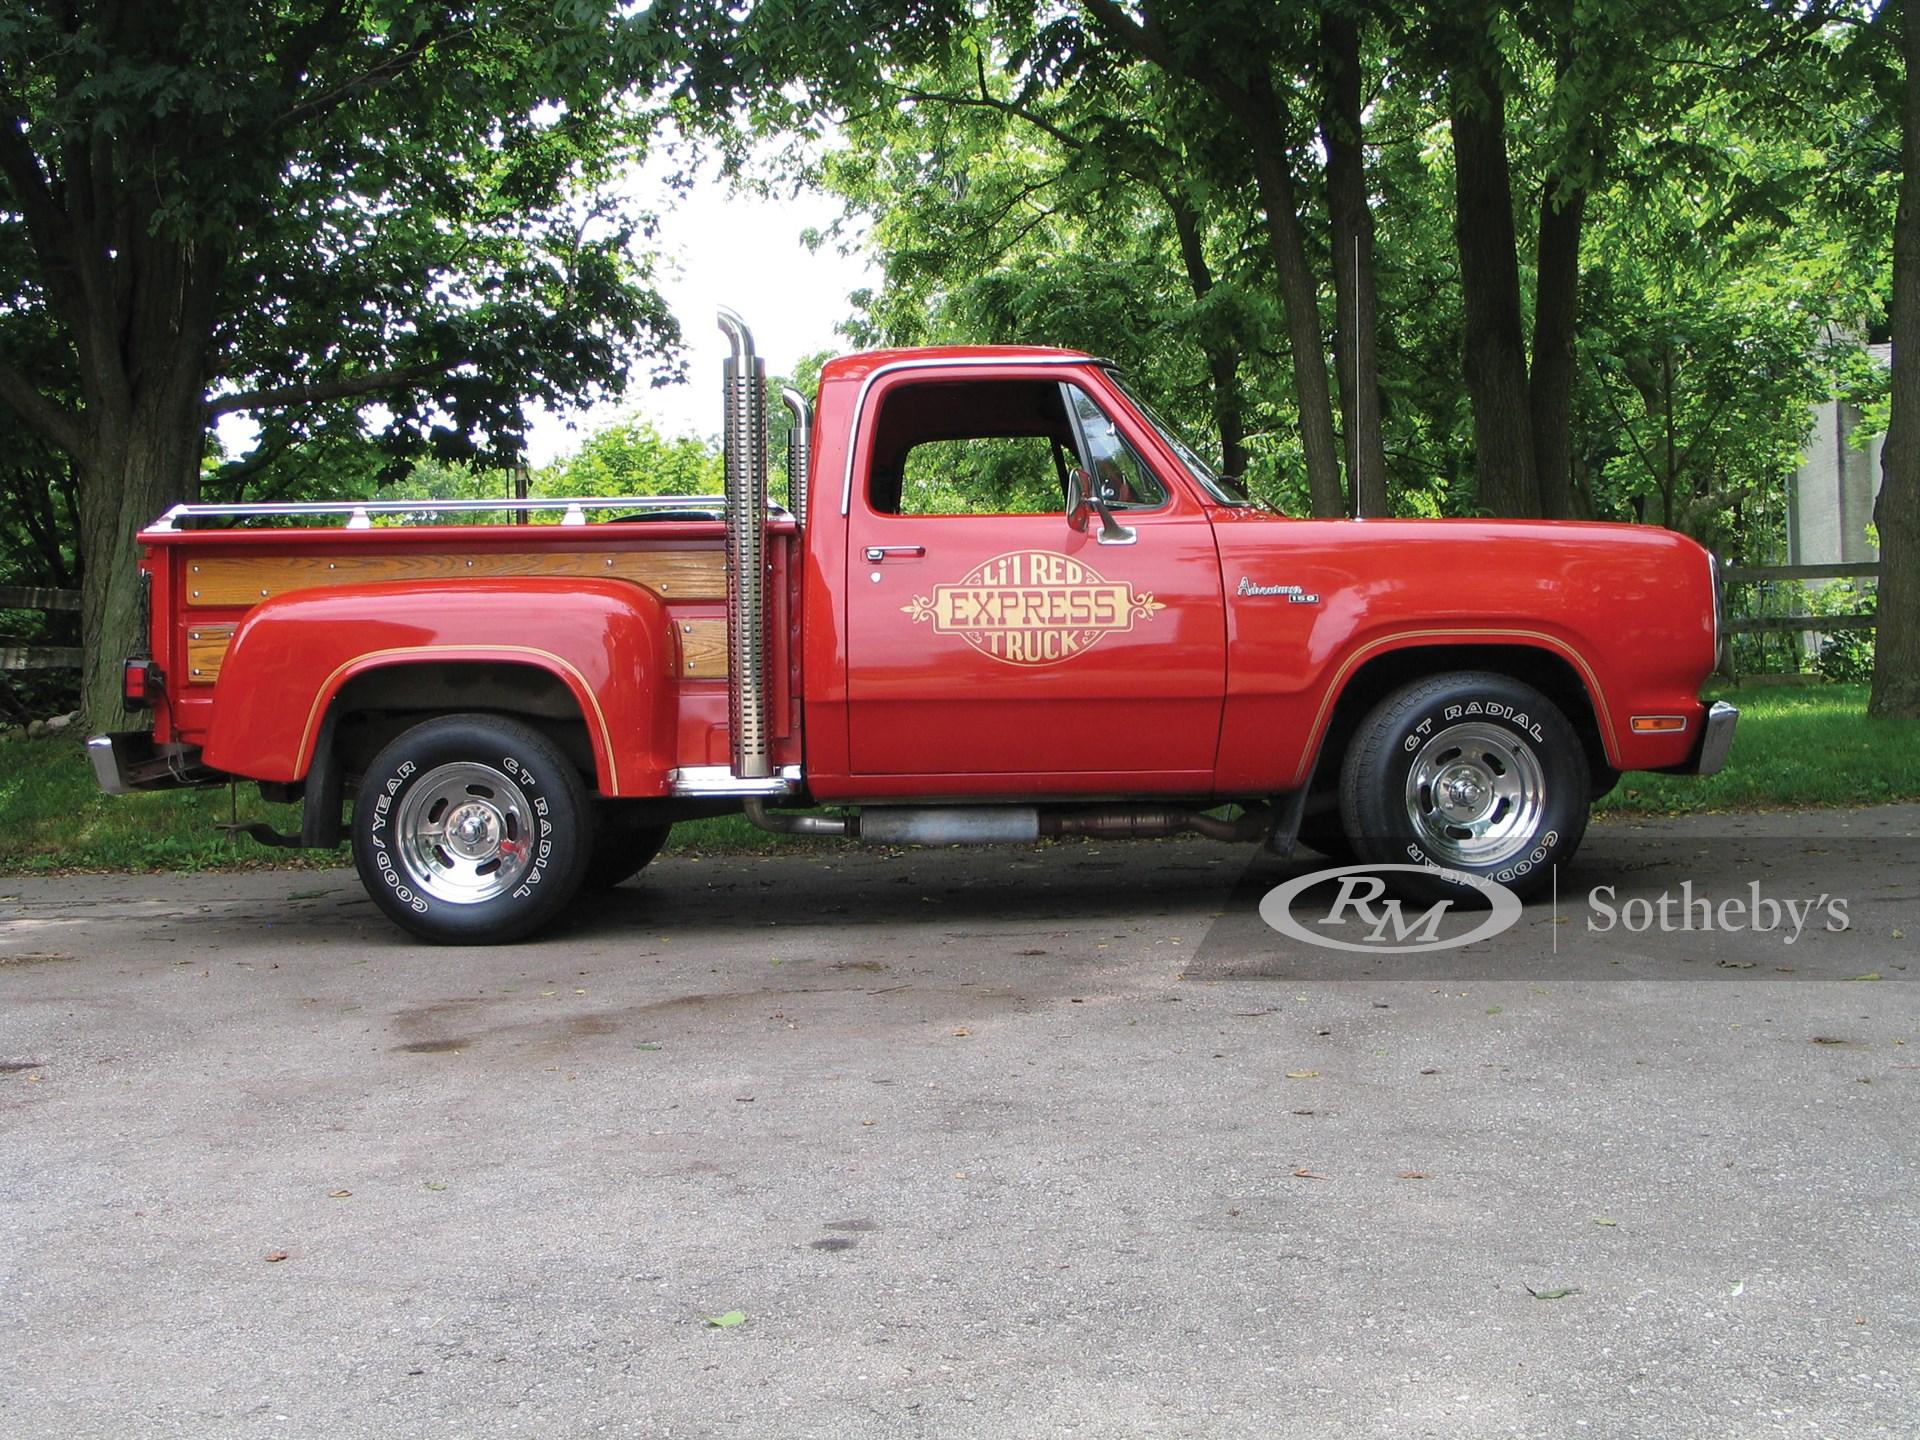 1979 Dodge L'il Red Express Pickup